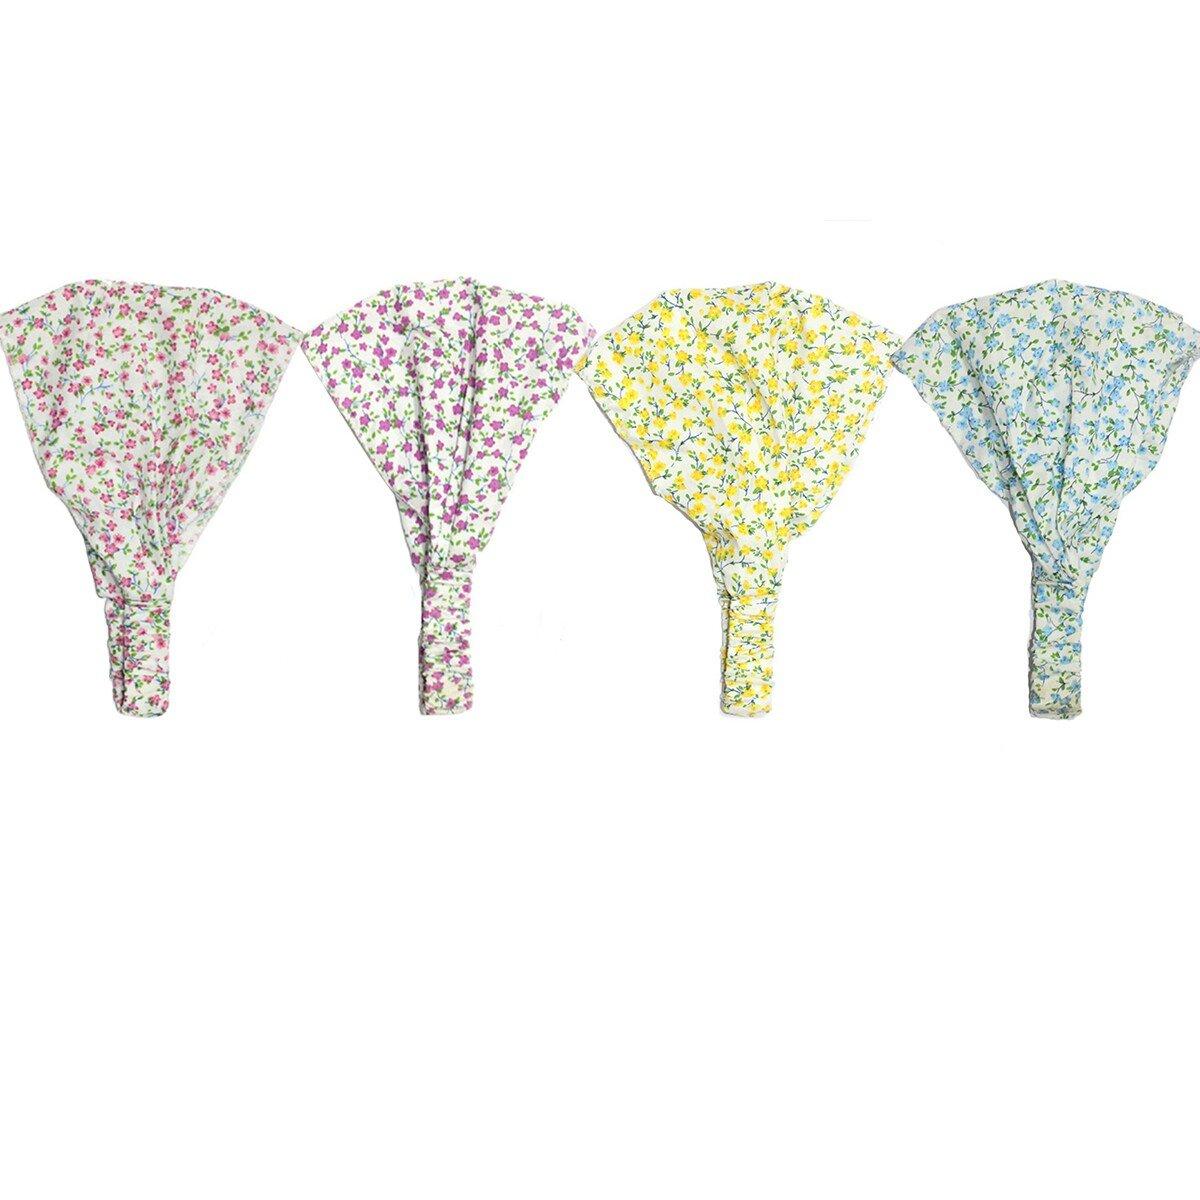 Pack 4 Butterme beaux b/éb/és tout-petits bandeau cheveux /élastique fleur bande de cheveux imprim/é headwrap foulard bandeau nouveau-n/é accessoires pour b/éb/é